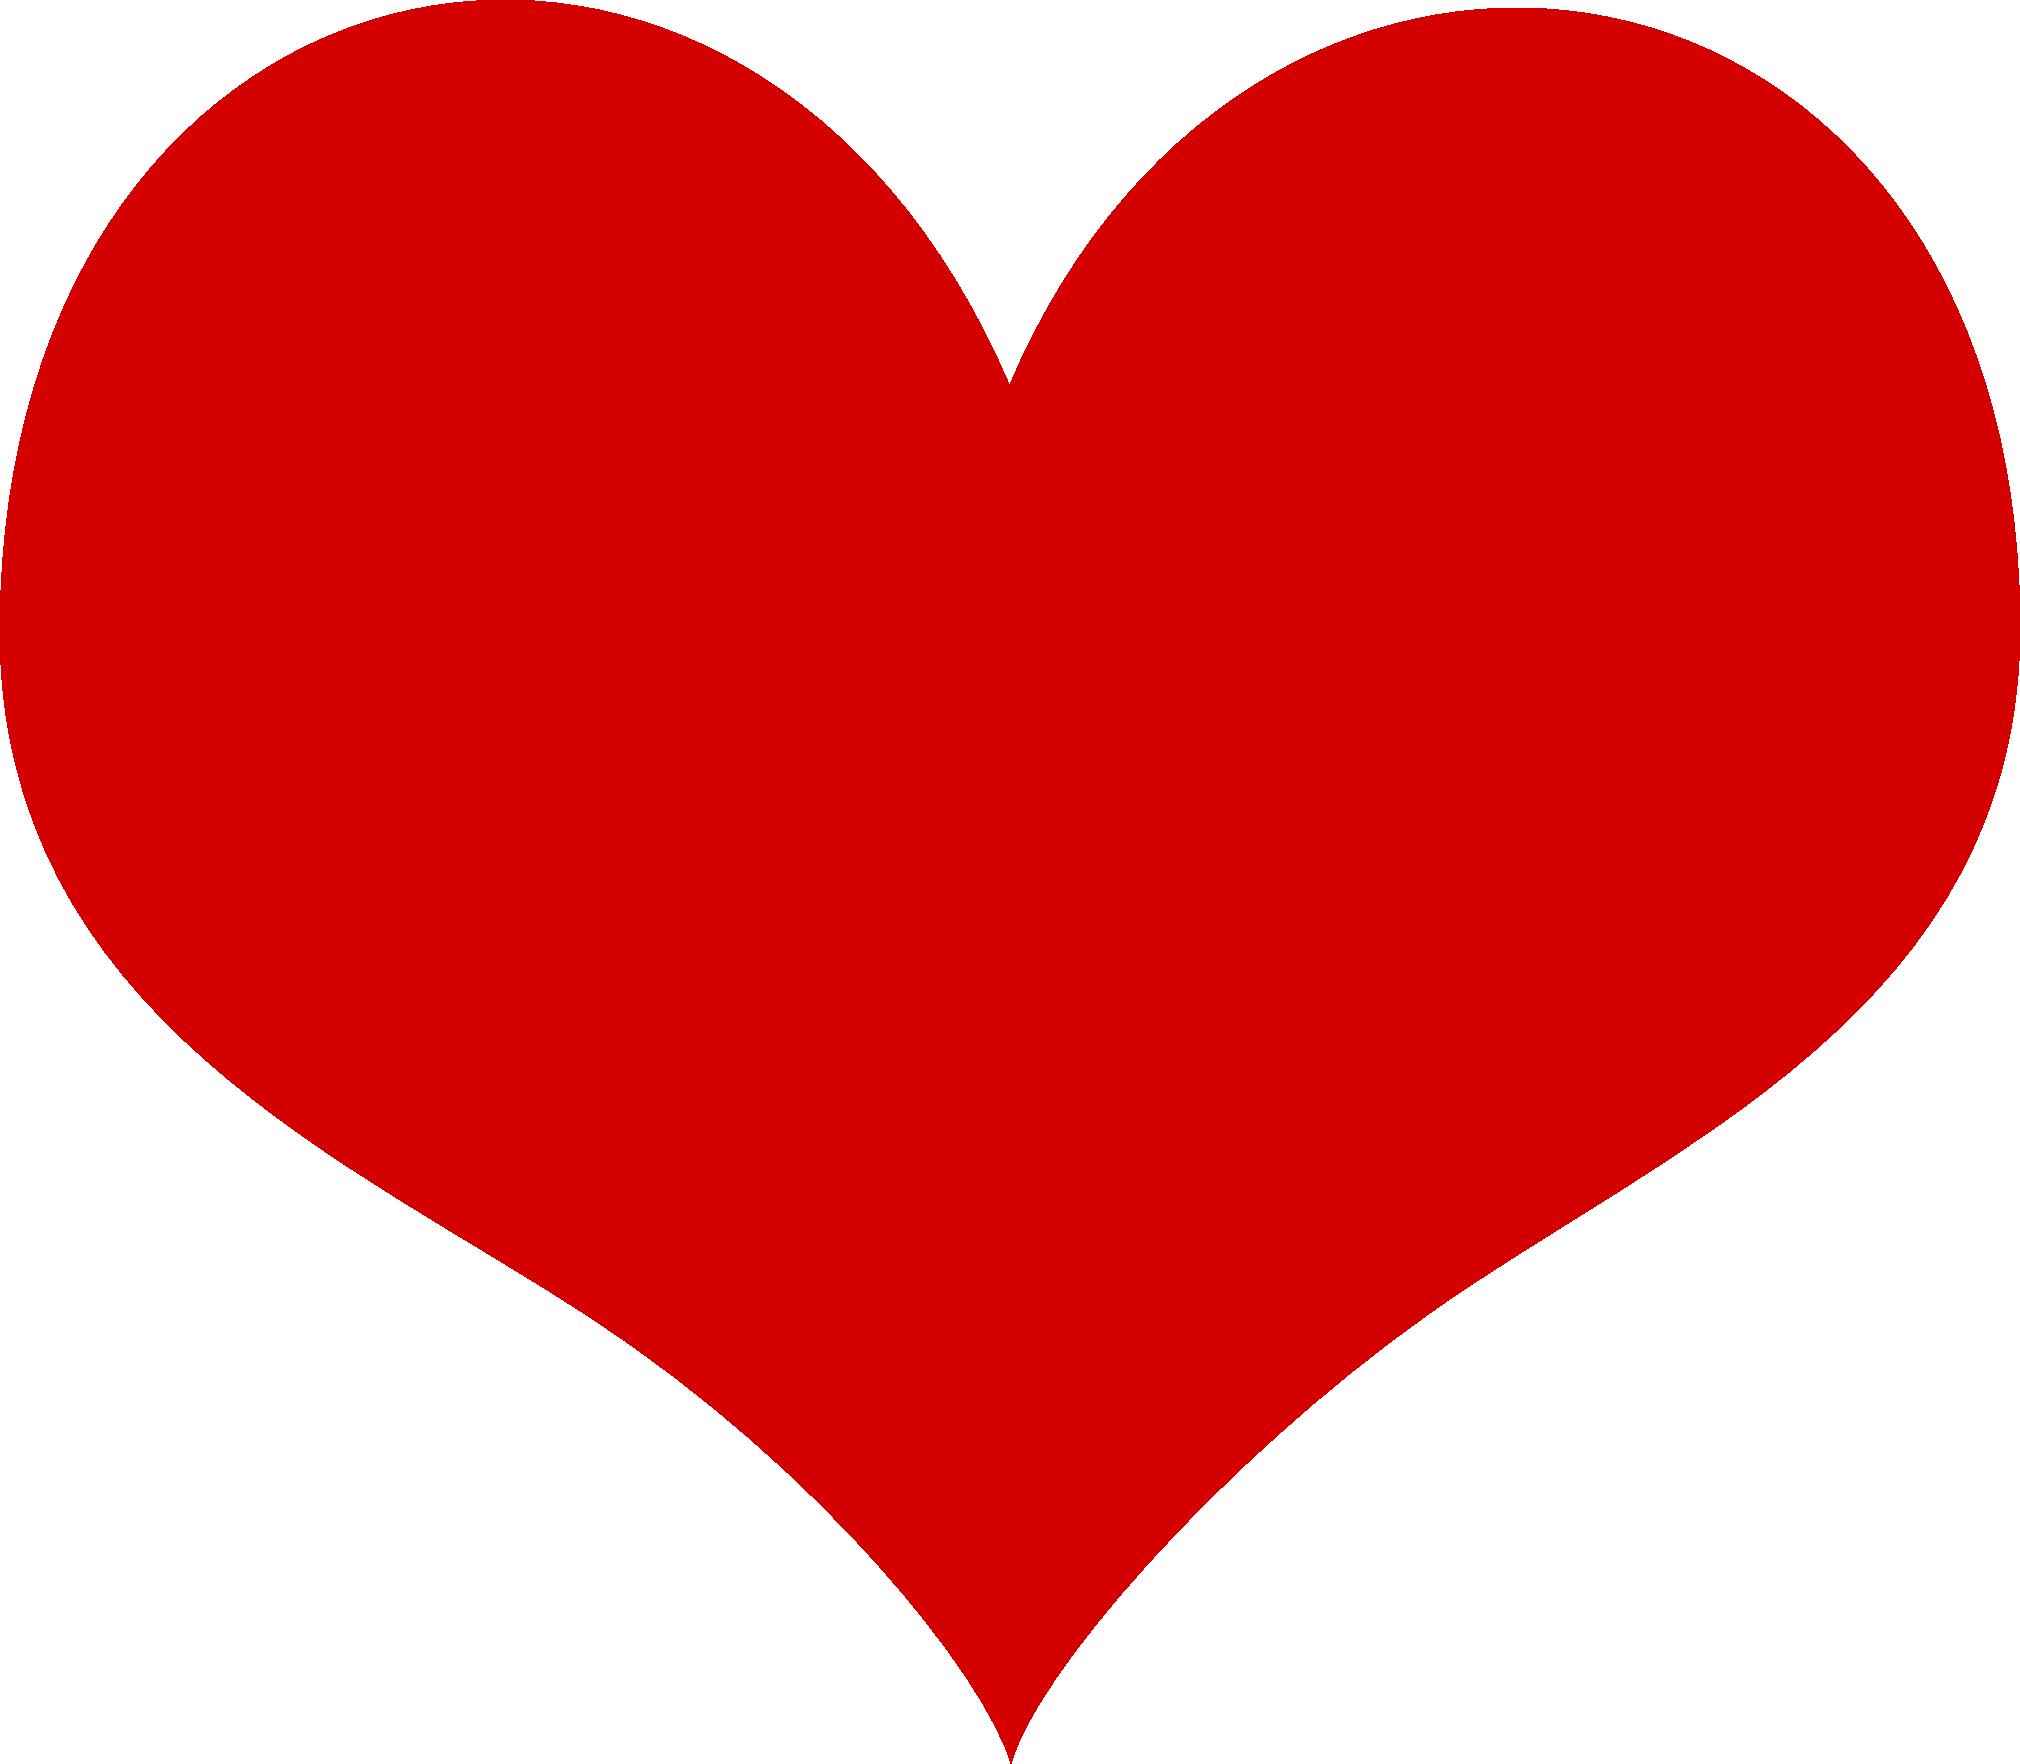 heart clipart - Heart Clipart